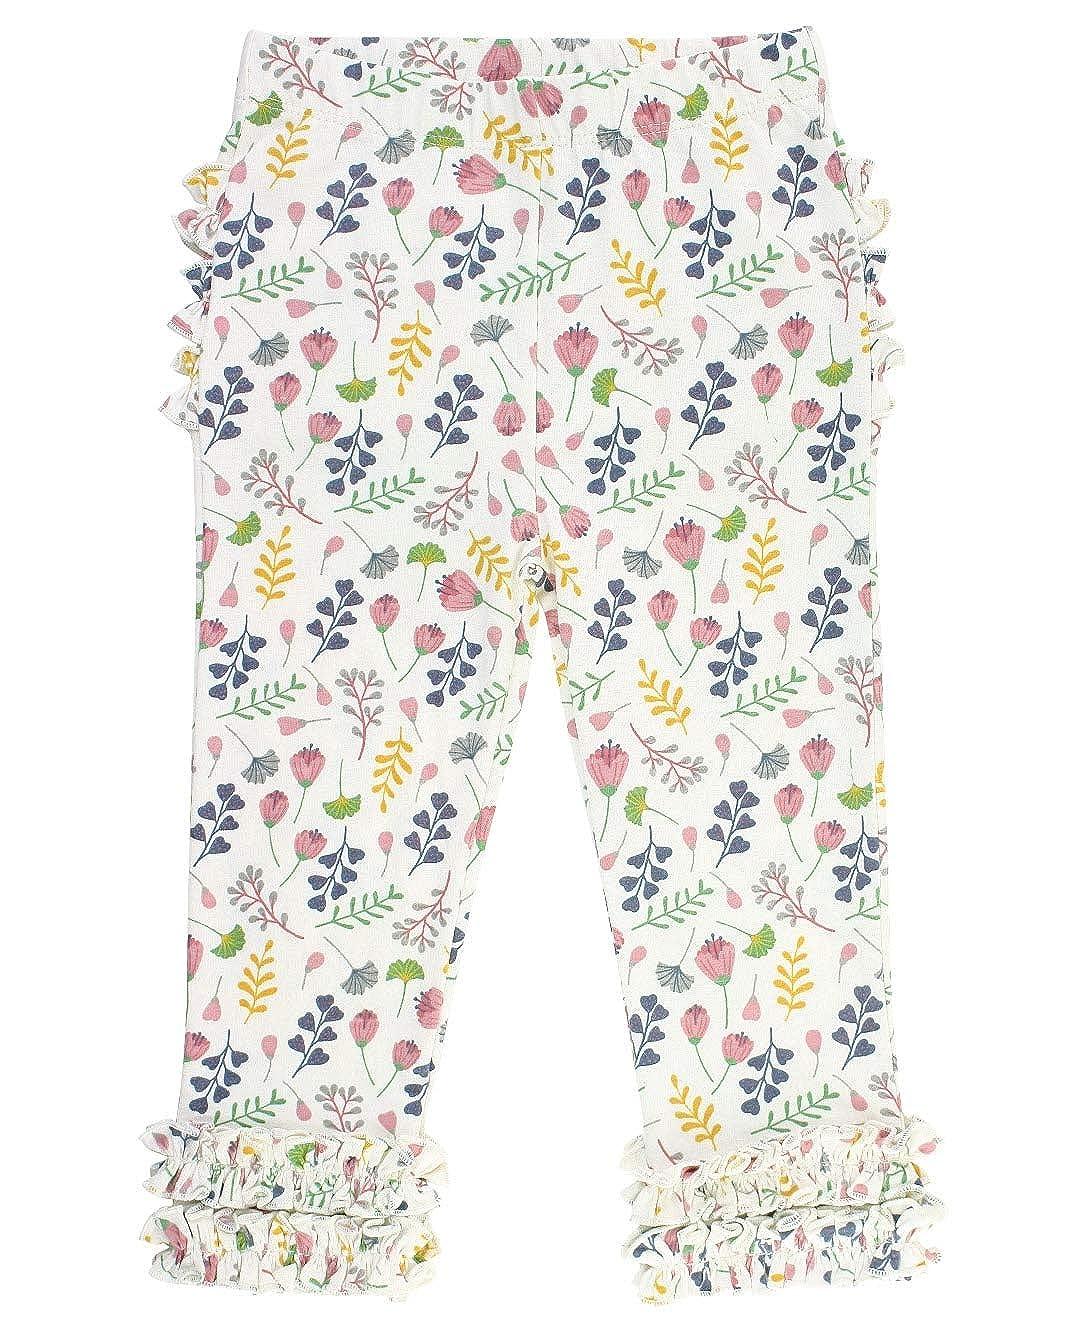 RuffleButts Baby//Toddler Girls Soft Knit Ankle Length Ruffle Leggings